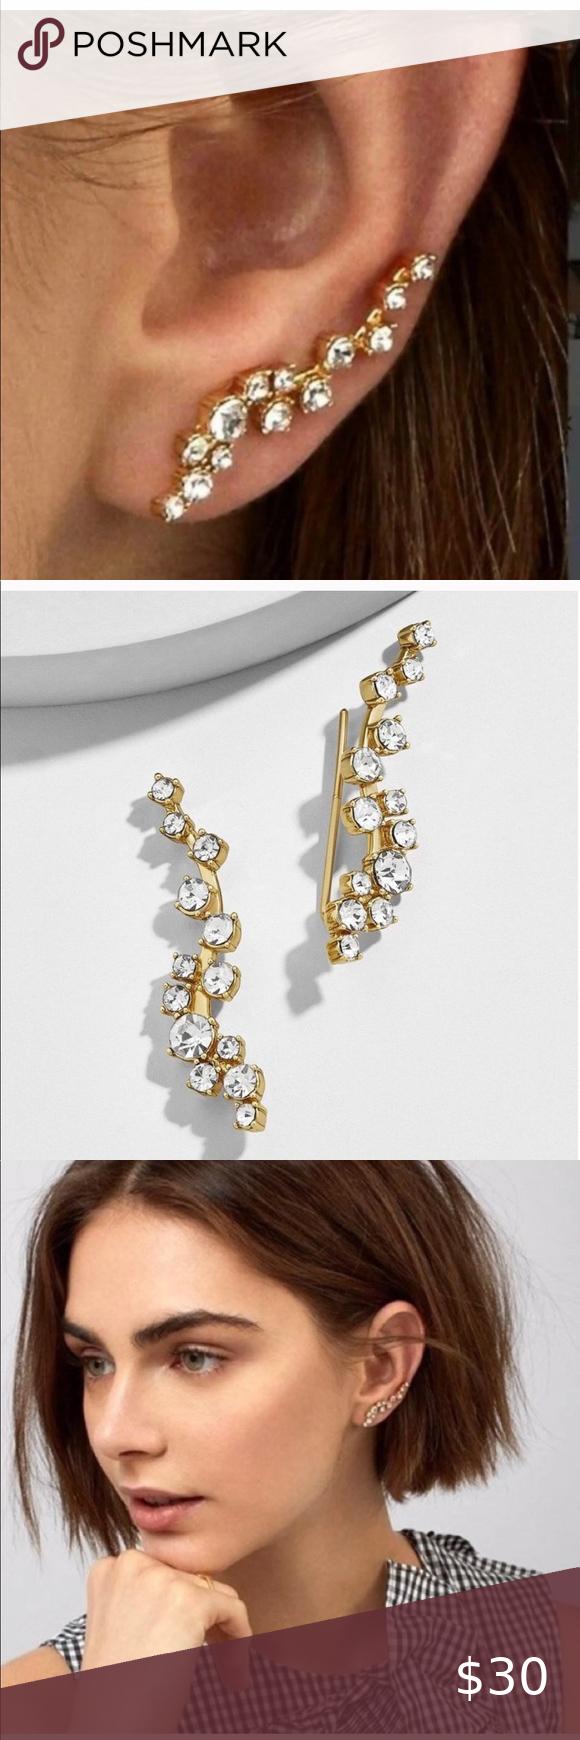 BaubleBar Farah Crawlers Earrings